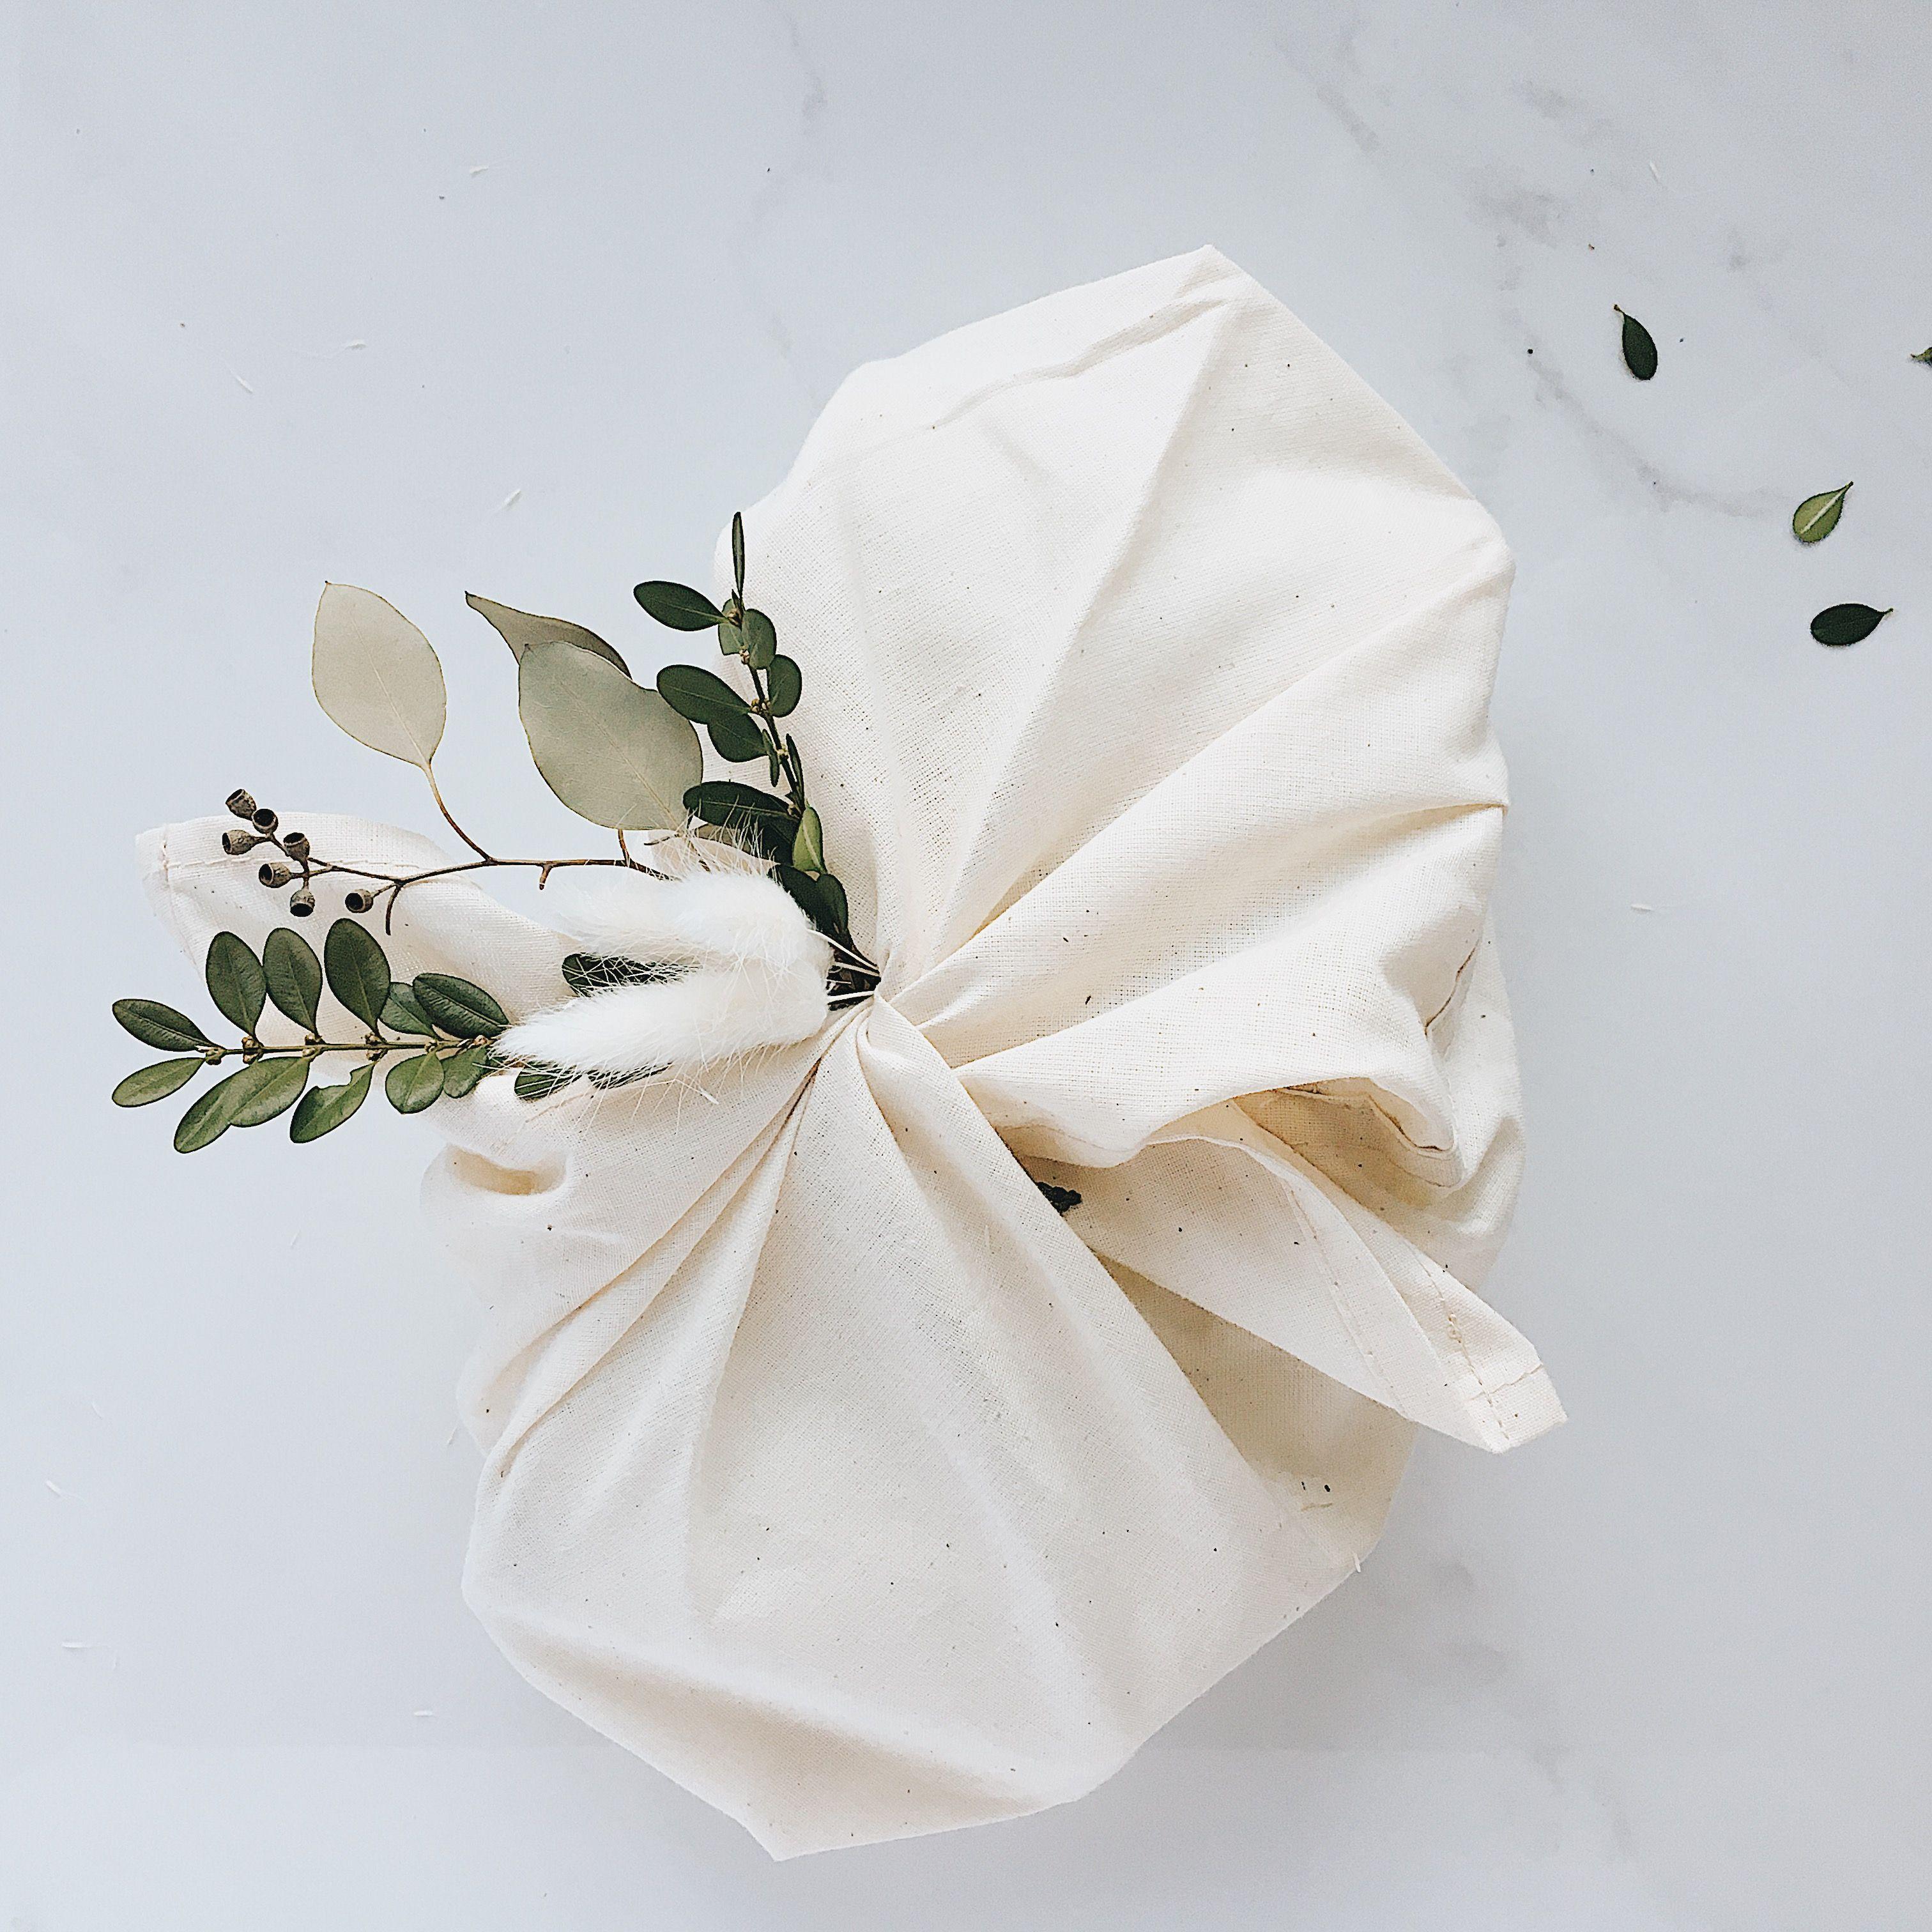 Les sacs bento, sont parfaits pour un cadeau 2 en 1! En plus de remplacer le papier d'emballage, ils pourront être réutilisés pour 1001 fonctions.  Adoptez la façon « furoshiki » d'envelopper vos cadeaux. Cette technique est non seulement écologique, elle est aussi magnifique! Effet wow garanti sous le sapin. Pour le Noël 2018, on pense réutilisation avec des emballages cadeaux de tissu. #emballagecadeauecologique